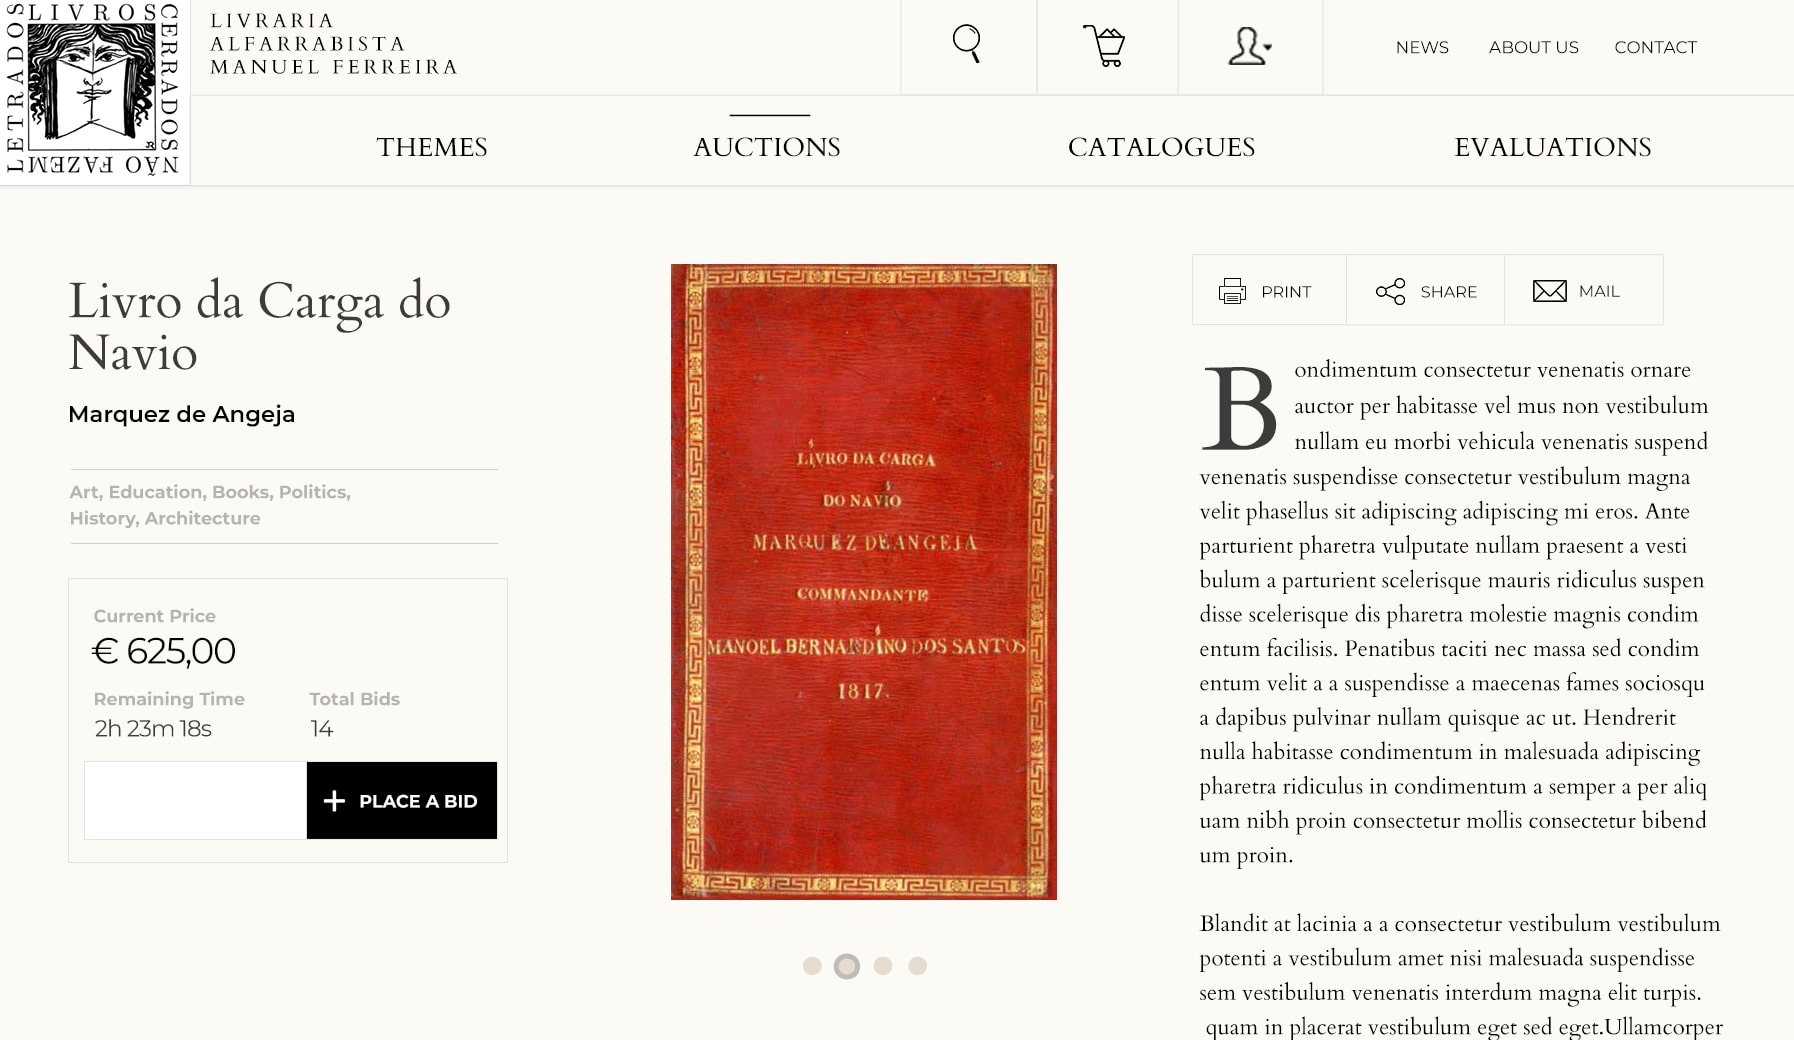 Livraria Manuel Ferreira - Portfolio Image3